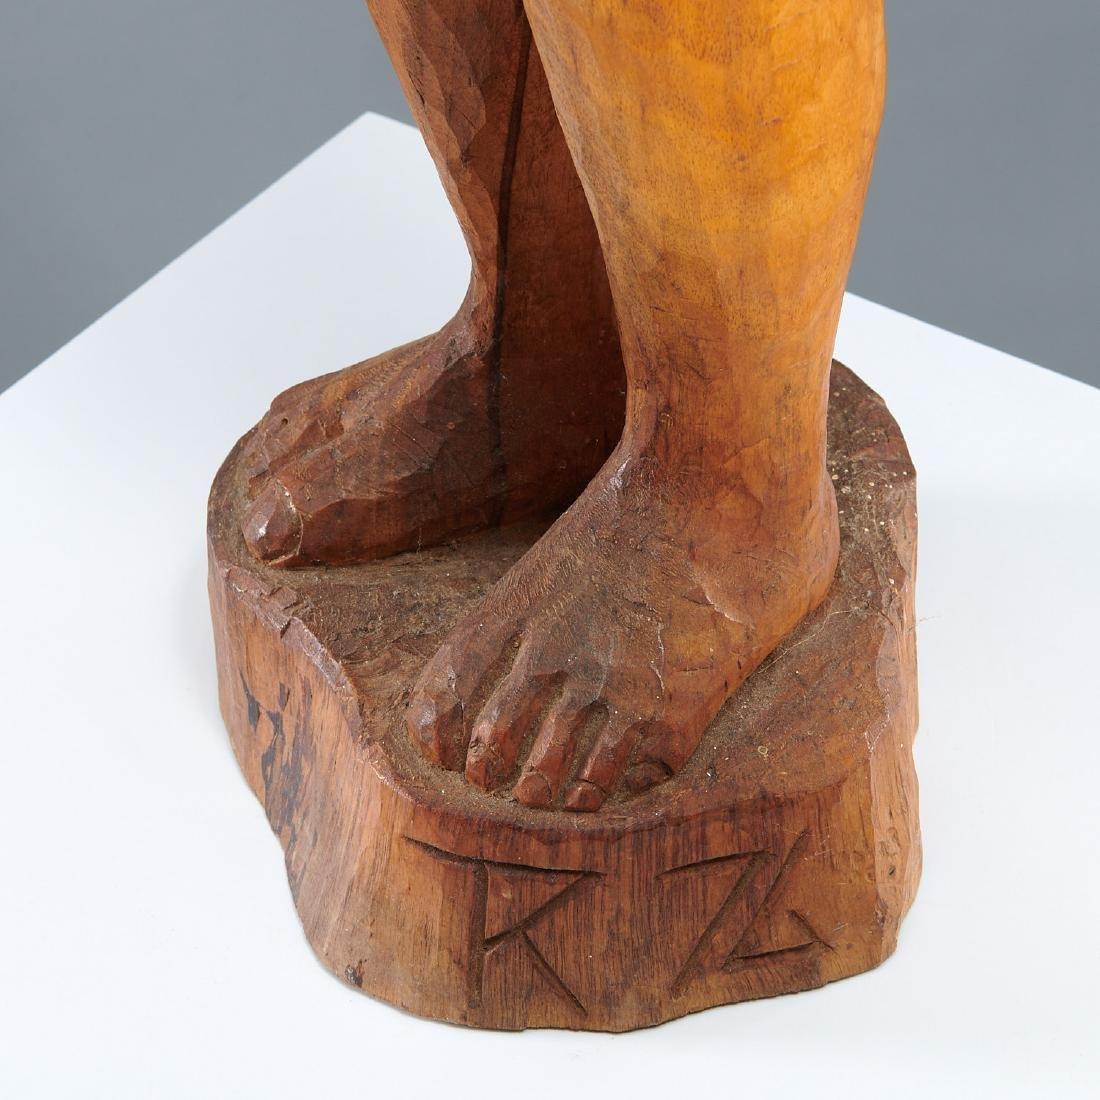 Kresimir Trumbetas, (3) sculptures - 4